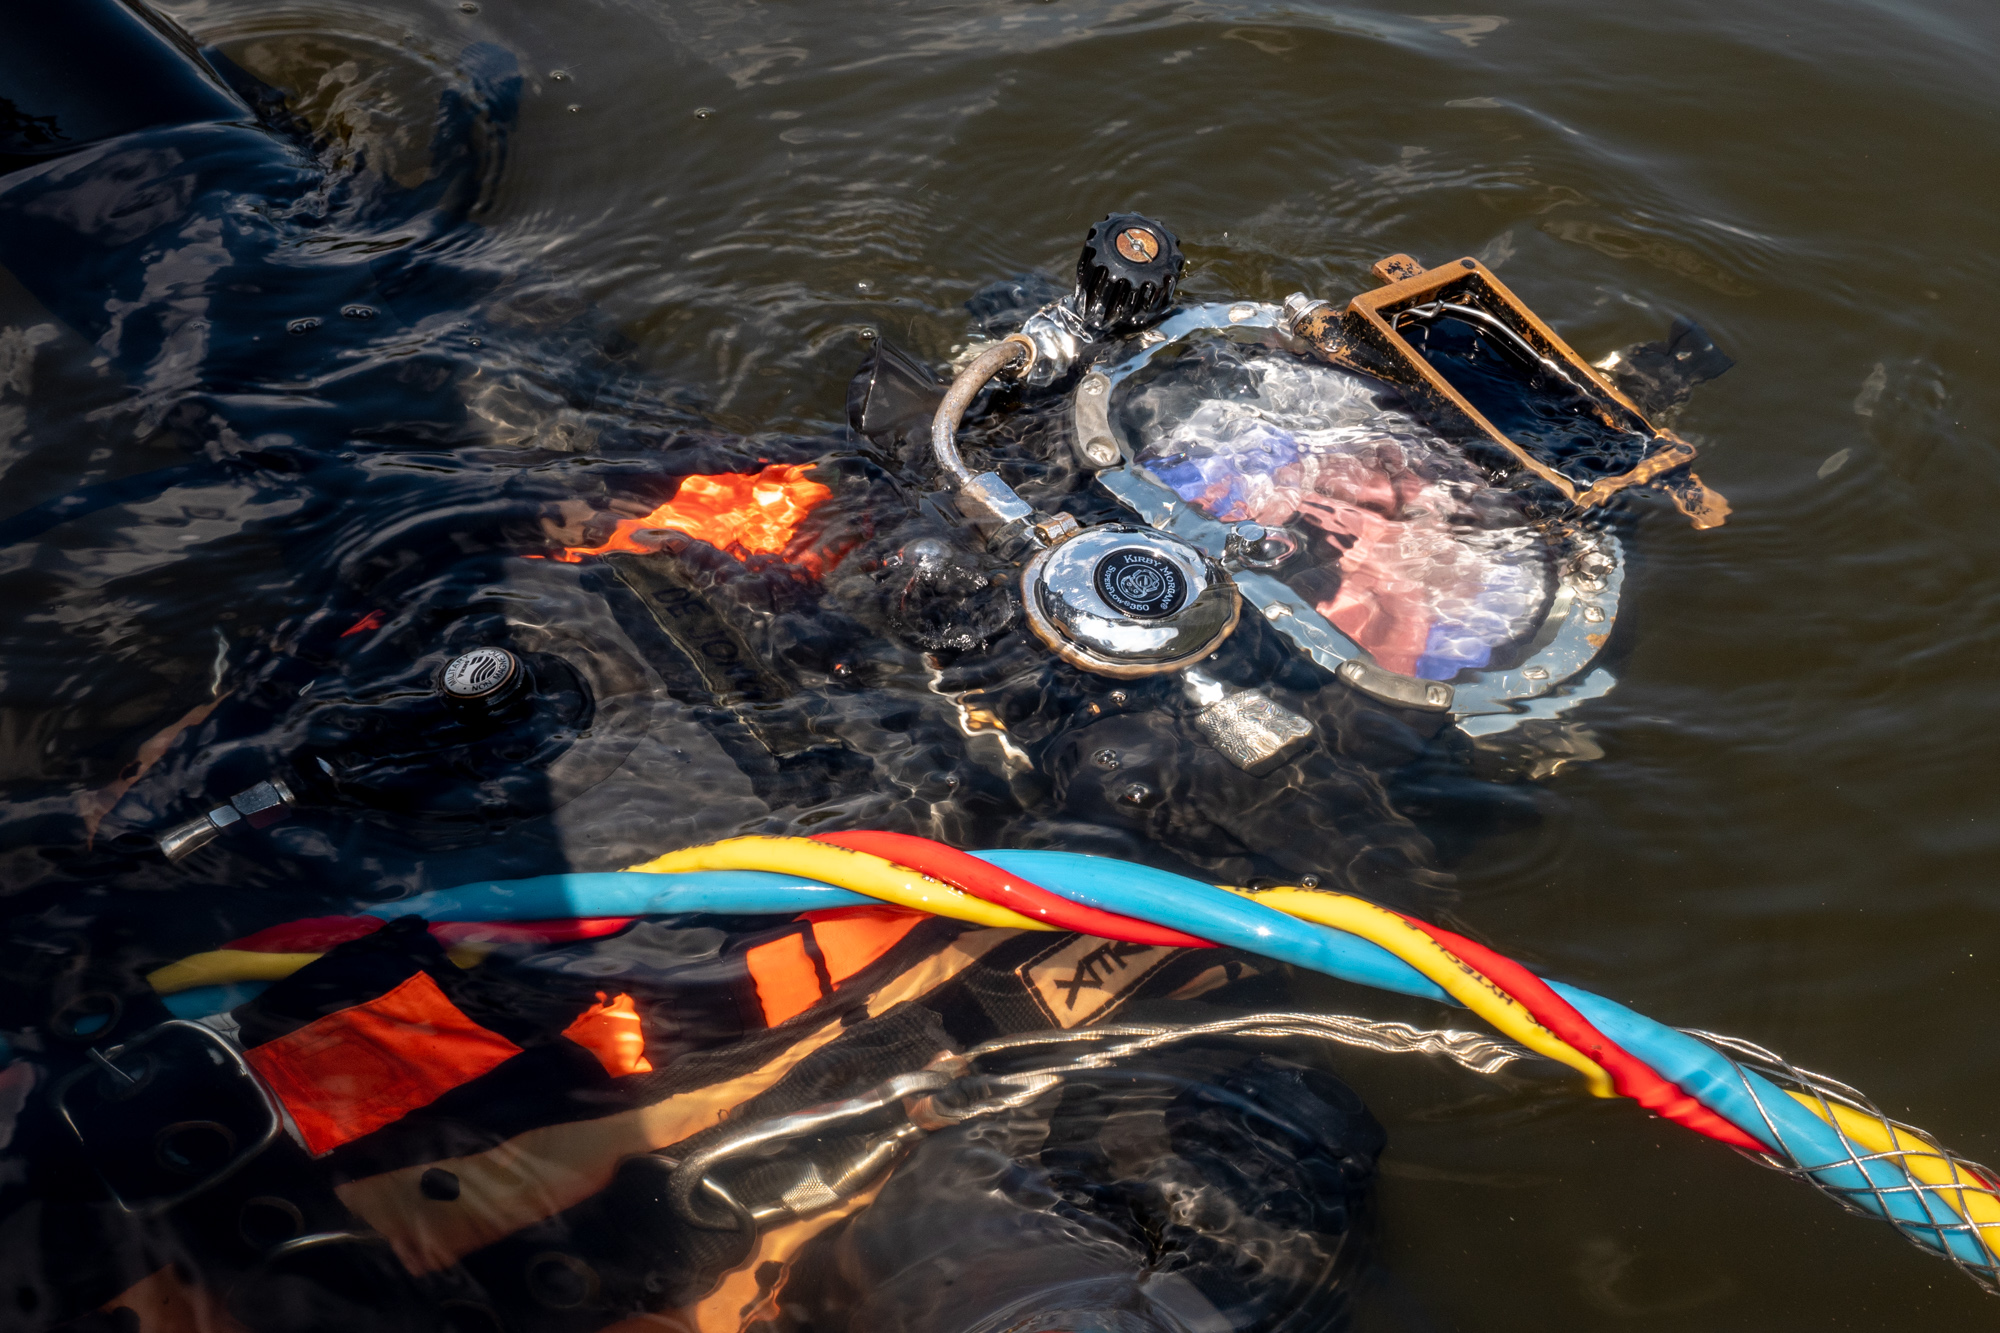 MTA_1024_Meerpaal_6_de genie gaat onder water, een tweede volgt met kettingzaag